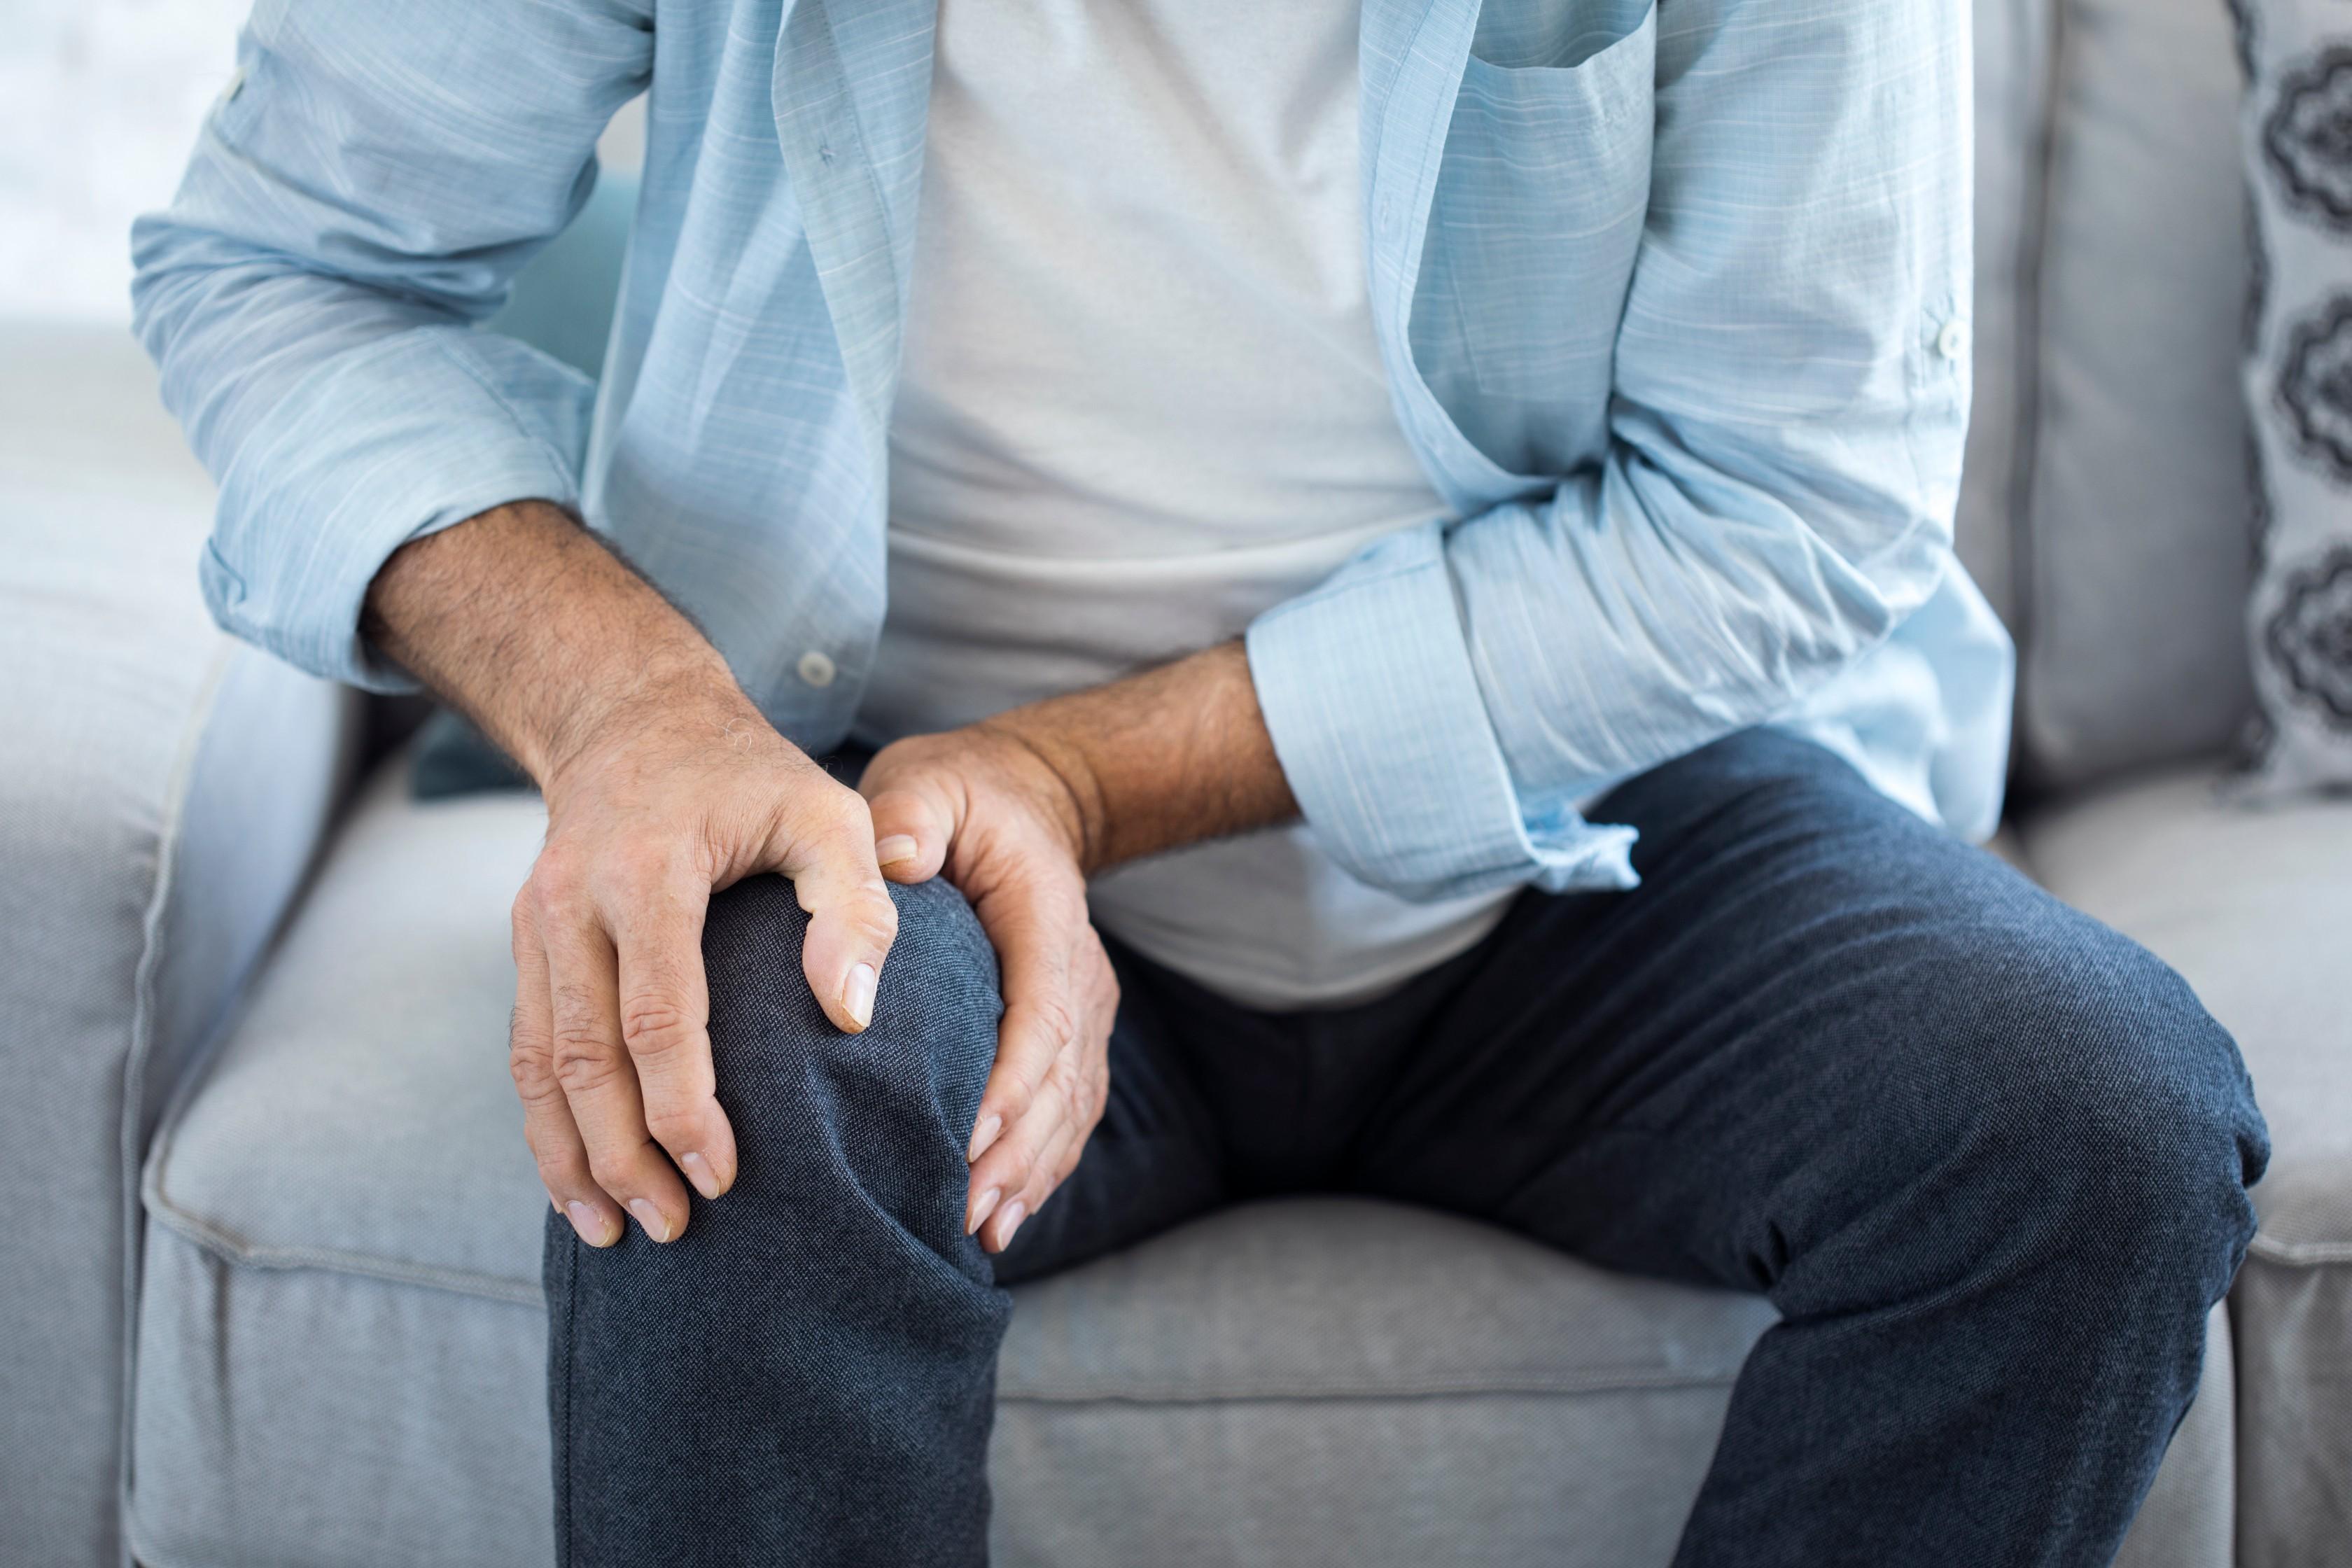 ízületi fájdalommal melyik orvoshoz